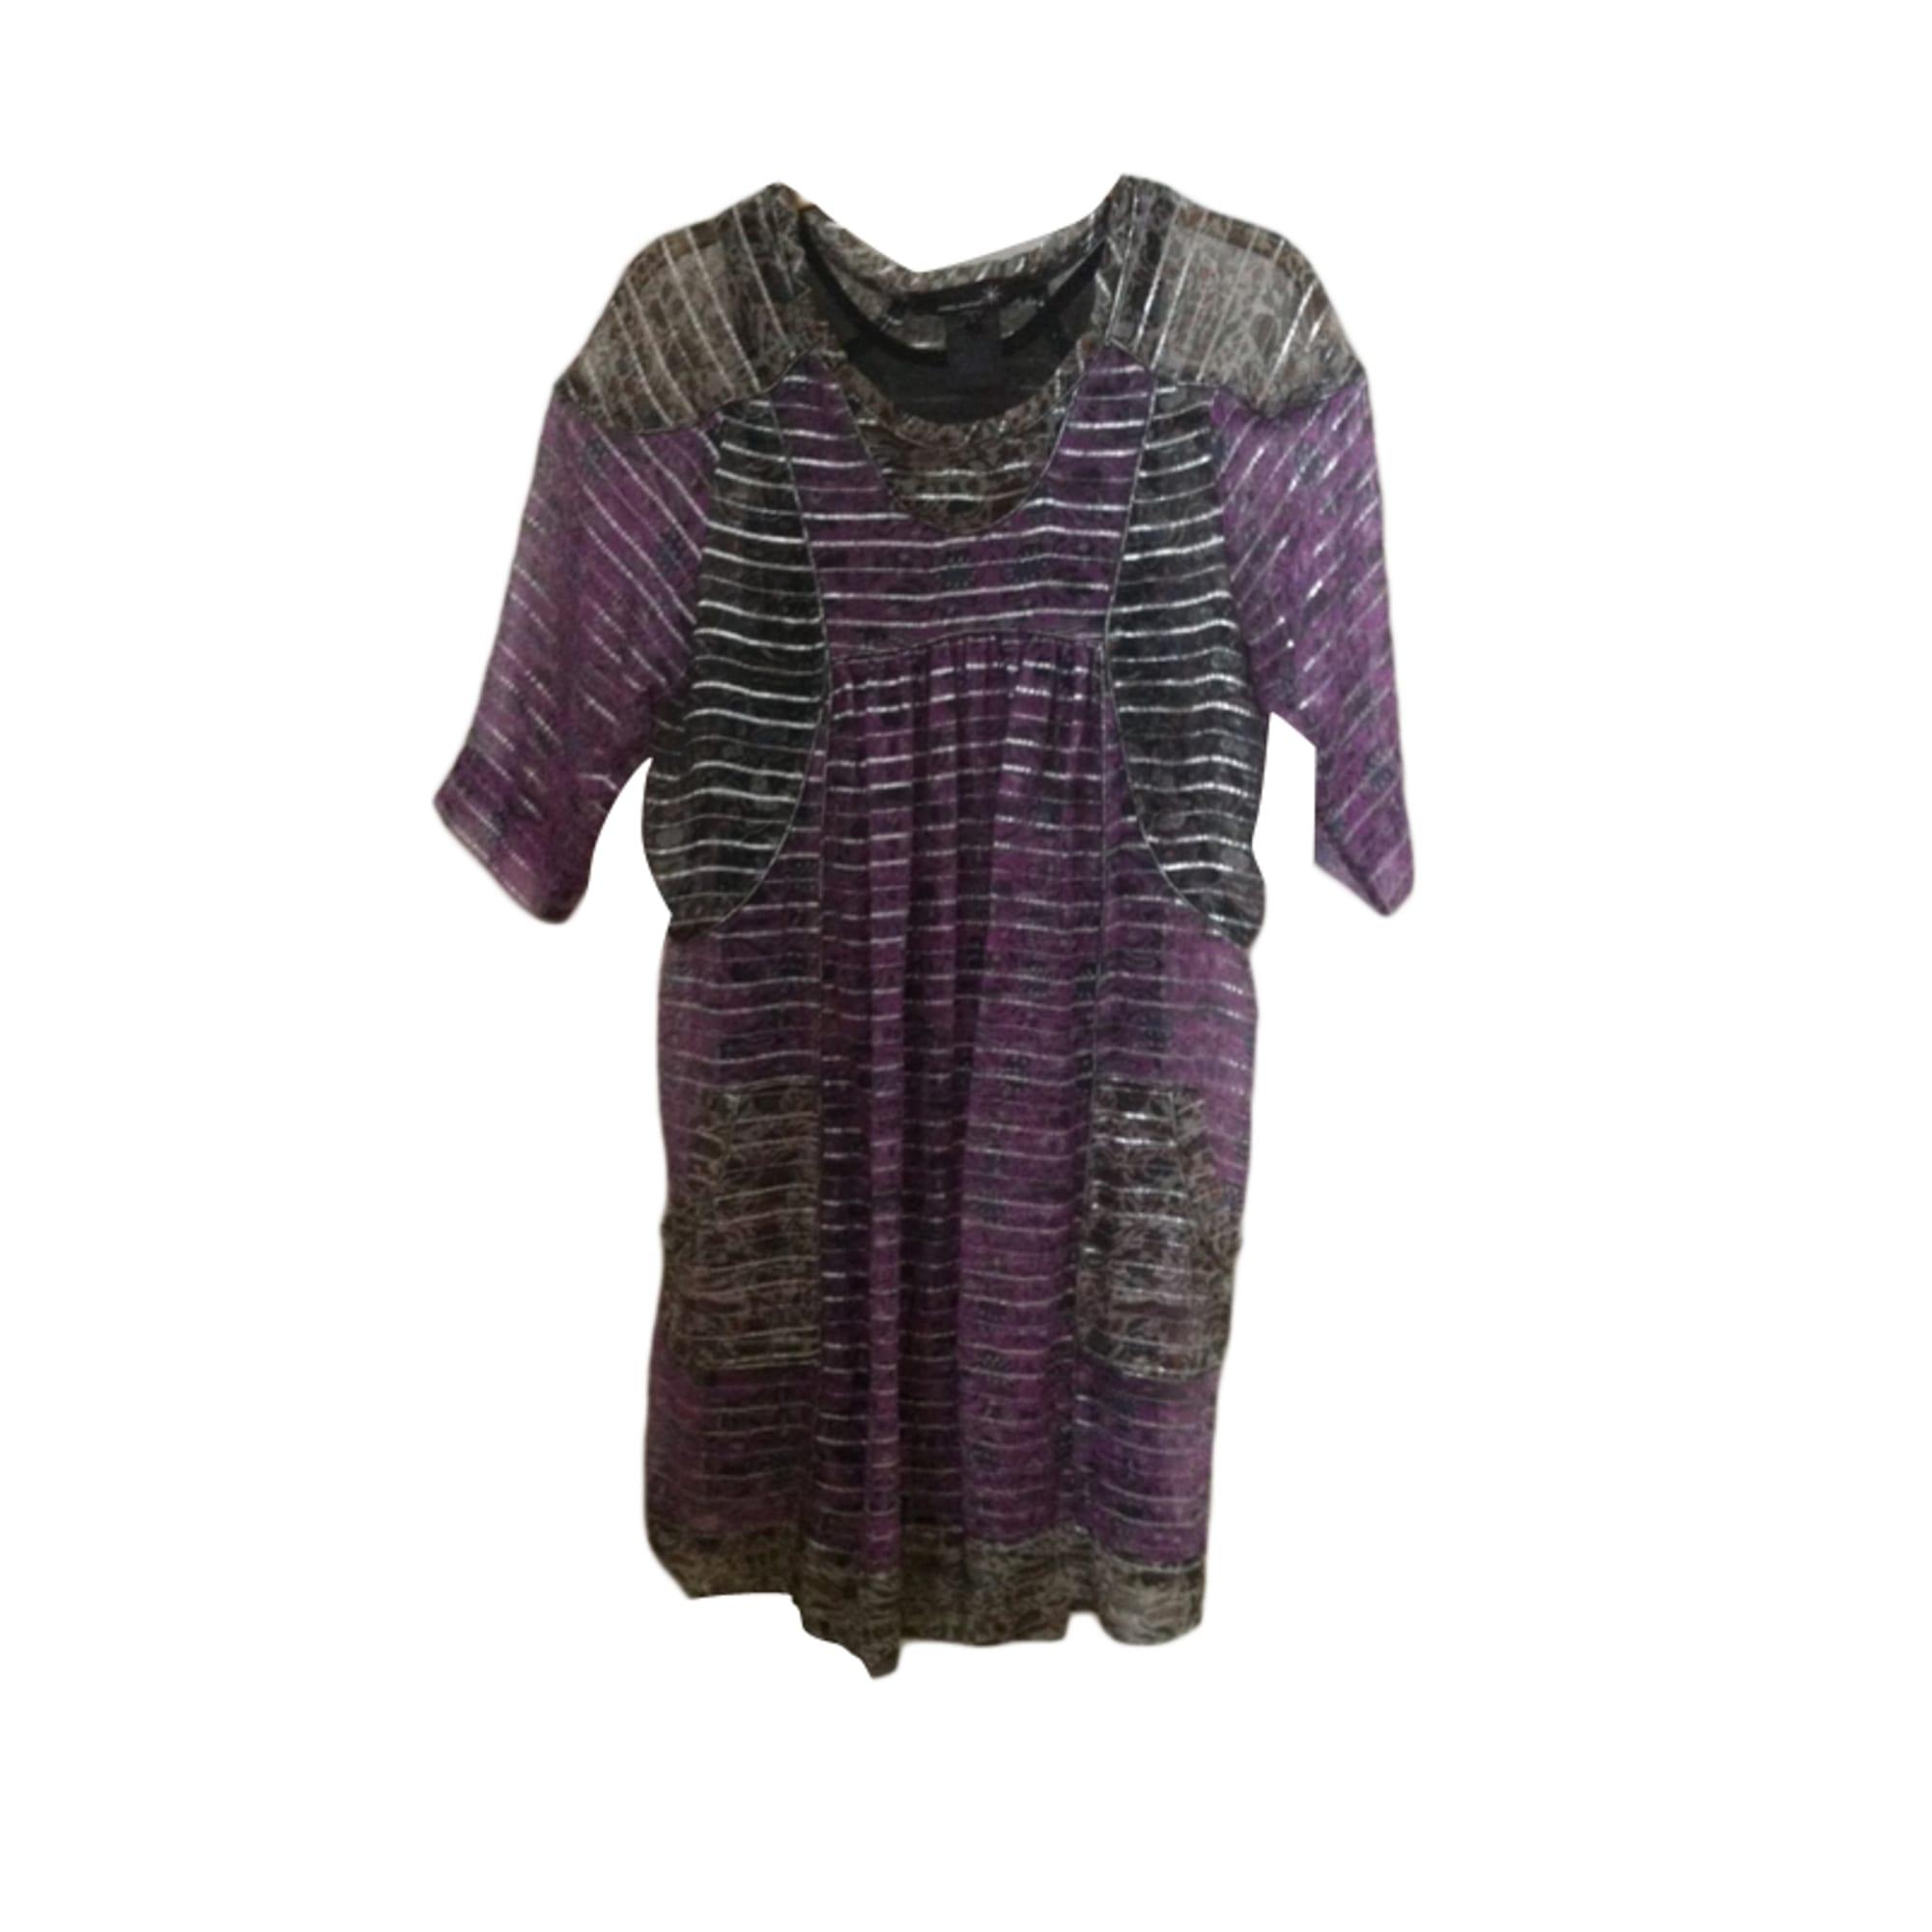 Robe courte ISABEL MARANT Violet, mauve, lavande